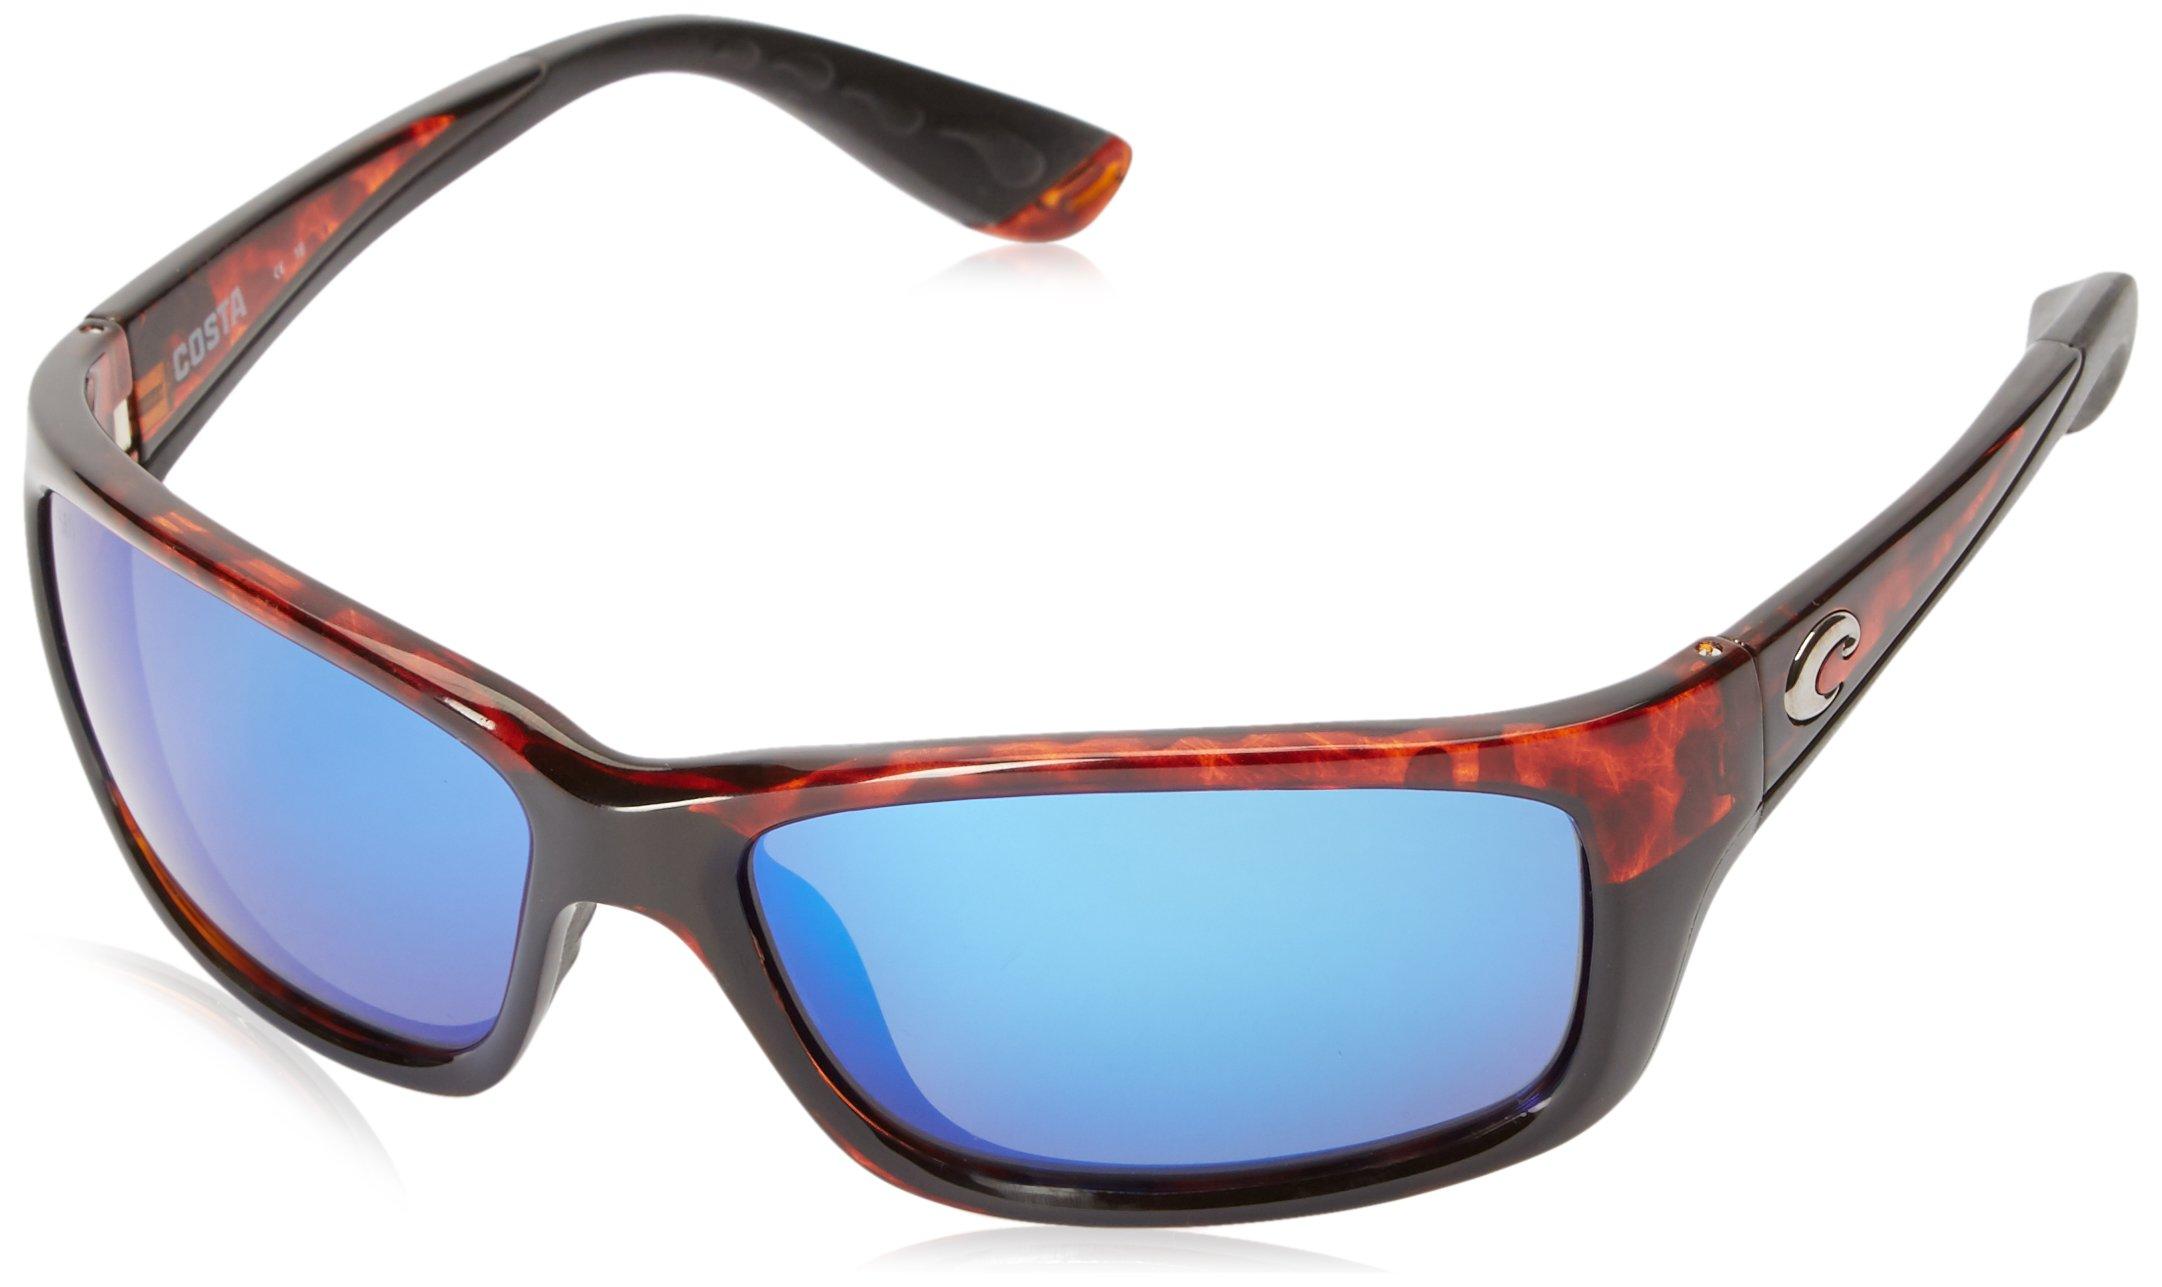 Costa Del Mar Jose Sunglasses, Tortoise, Blue Mirror 580 Glass Lens by Costa Del Mar